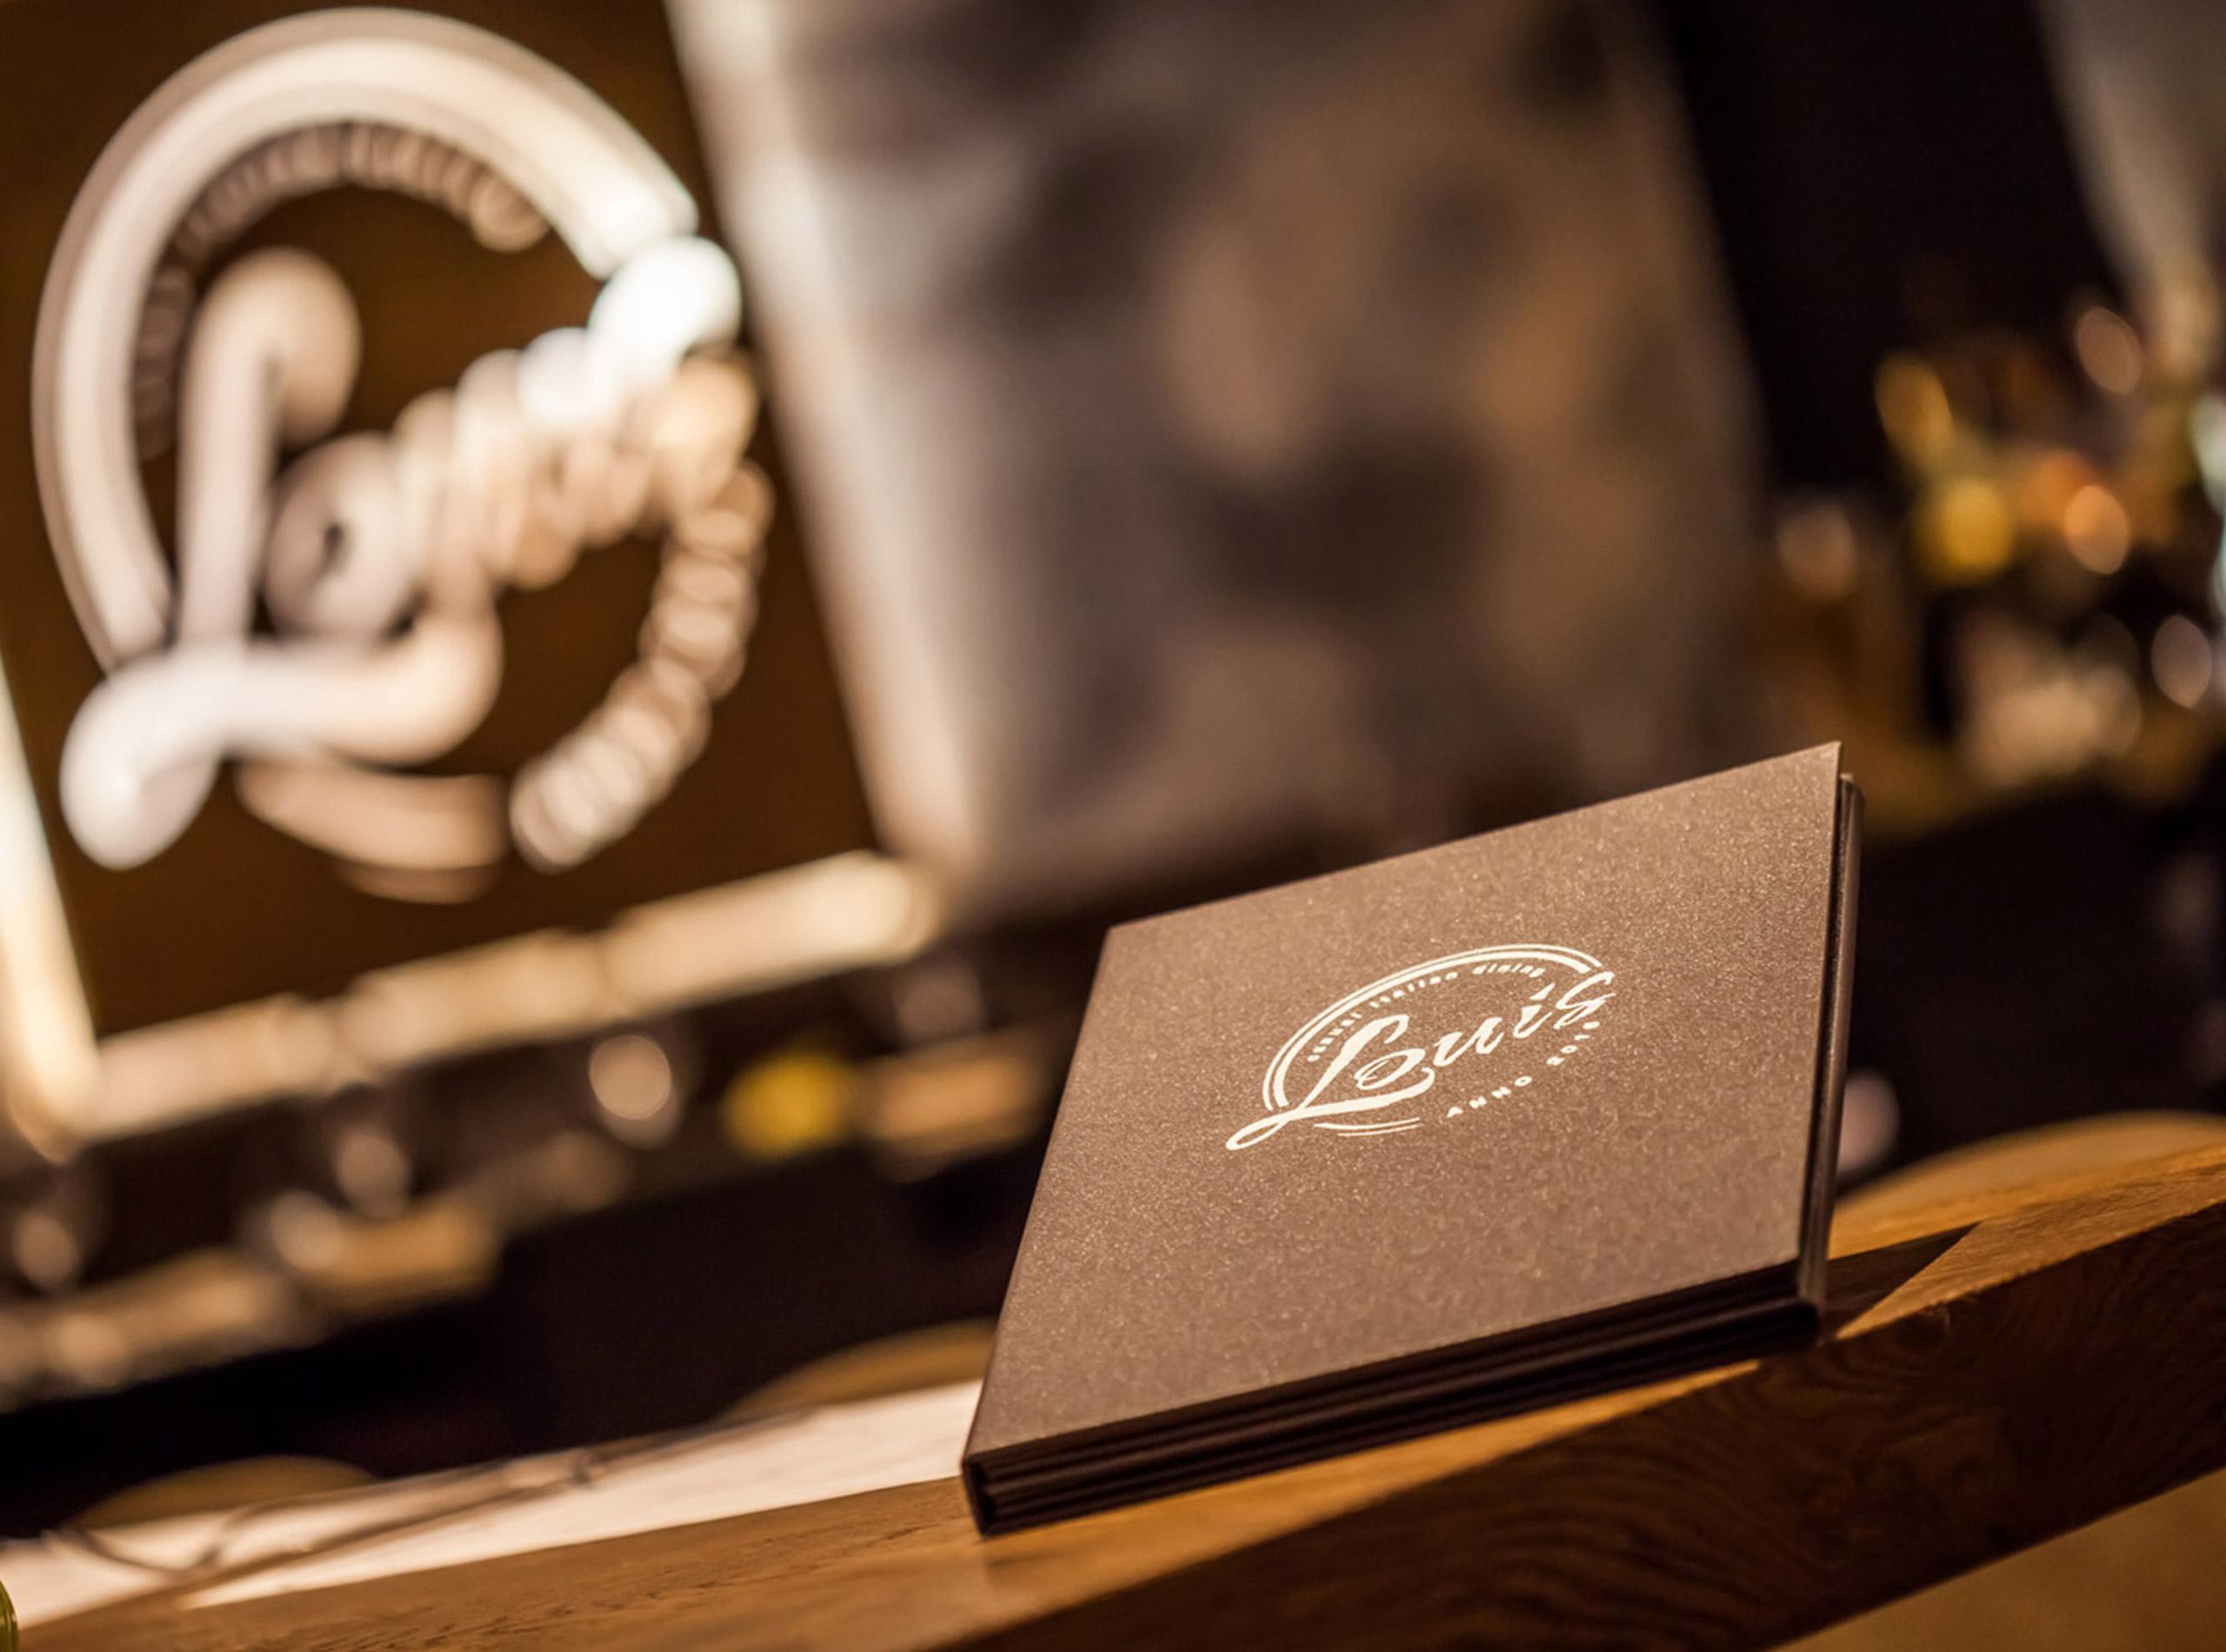 Weinkarte mit geprägtem Logo für das Restaurant LOUIS 2